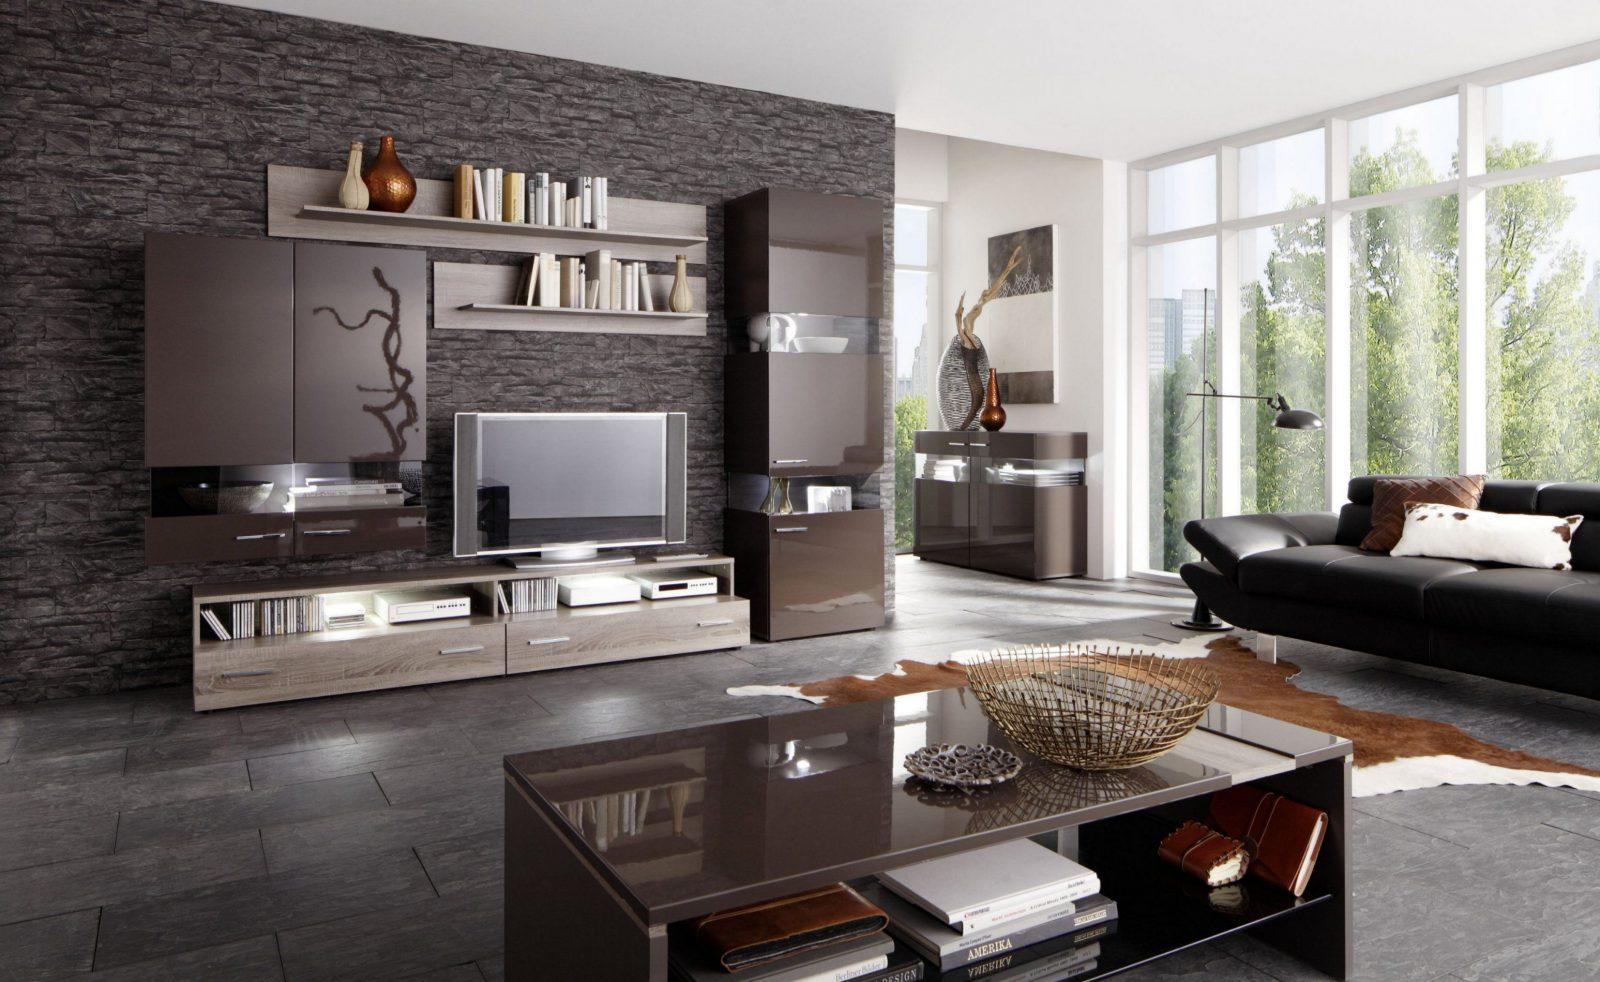 Nett Tapeten Wohnzimmer Ideen Zum Dekorieren Schlafzimmer Dekoration von Tapeten Ideen Für Wohnzimmer Bild